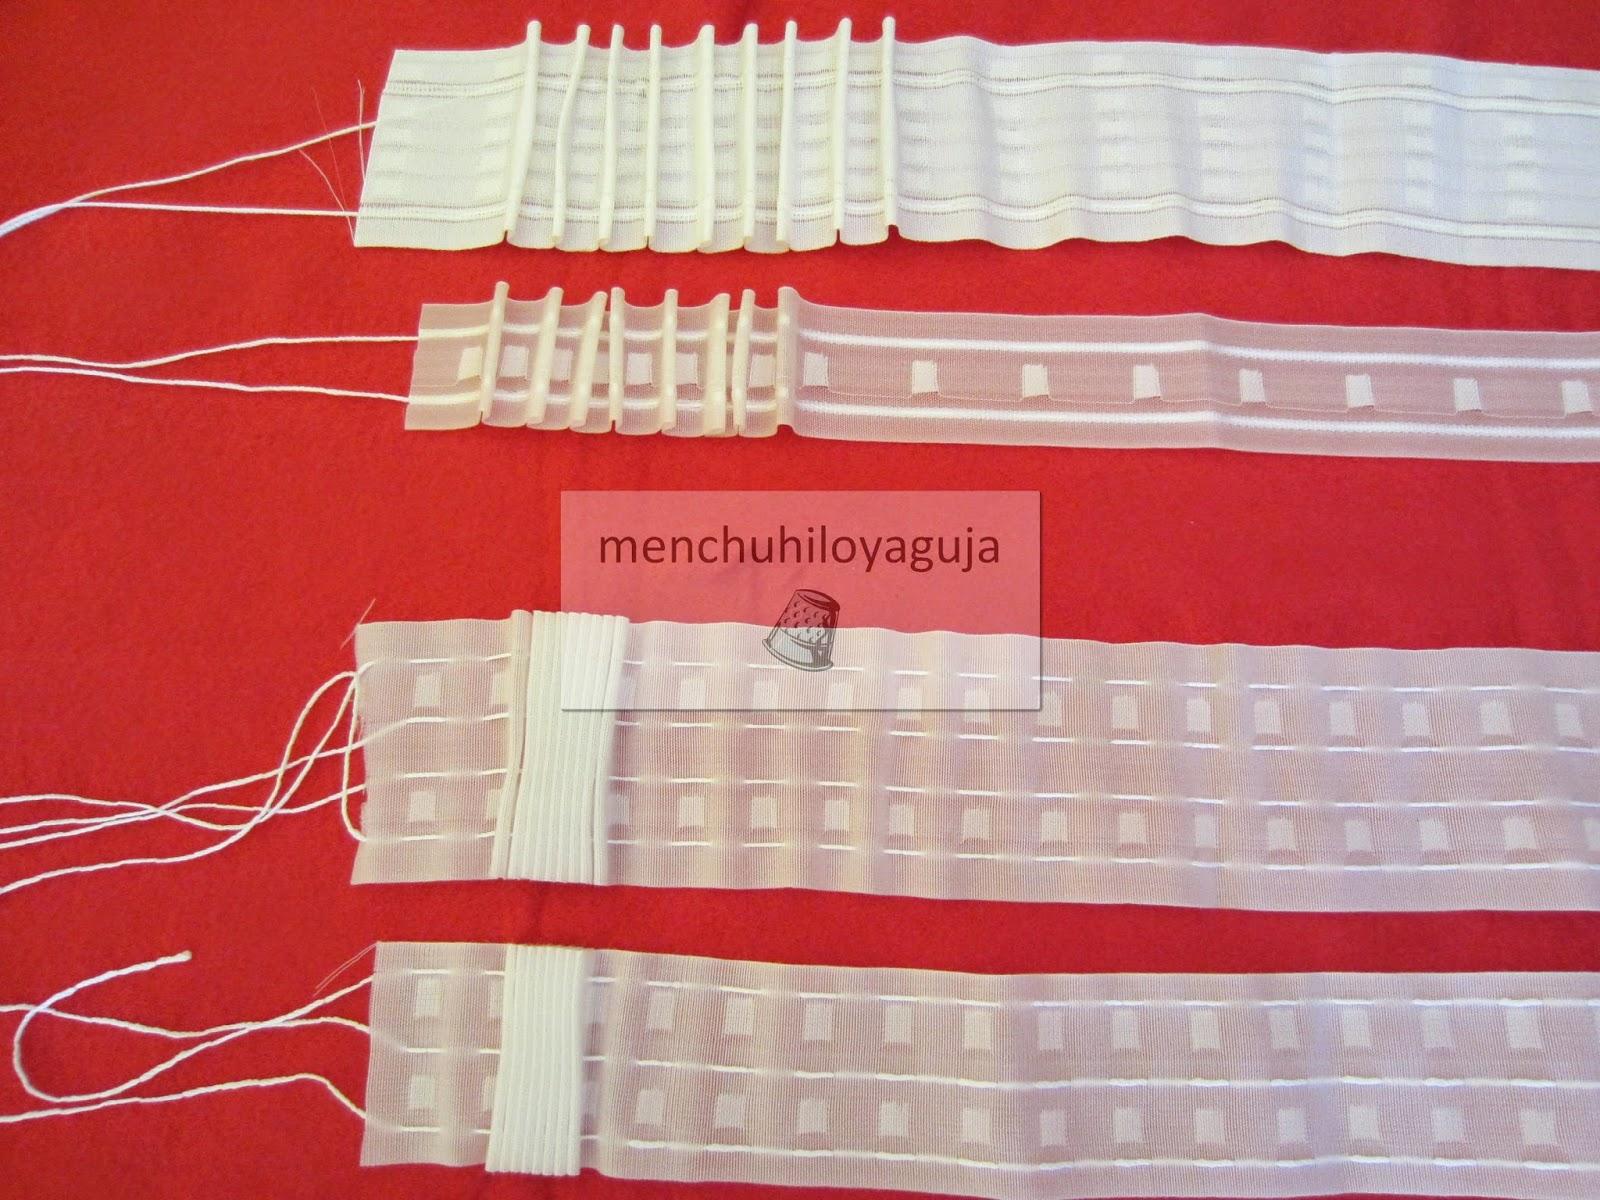 Patrones de costura cabecillas de cintas para cortinas - Cinta para cortinas ...